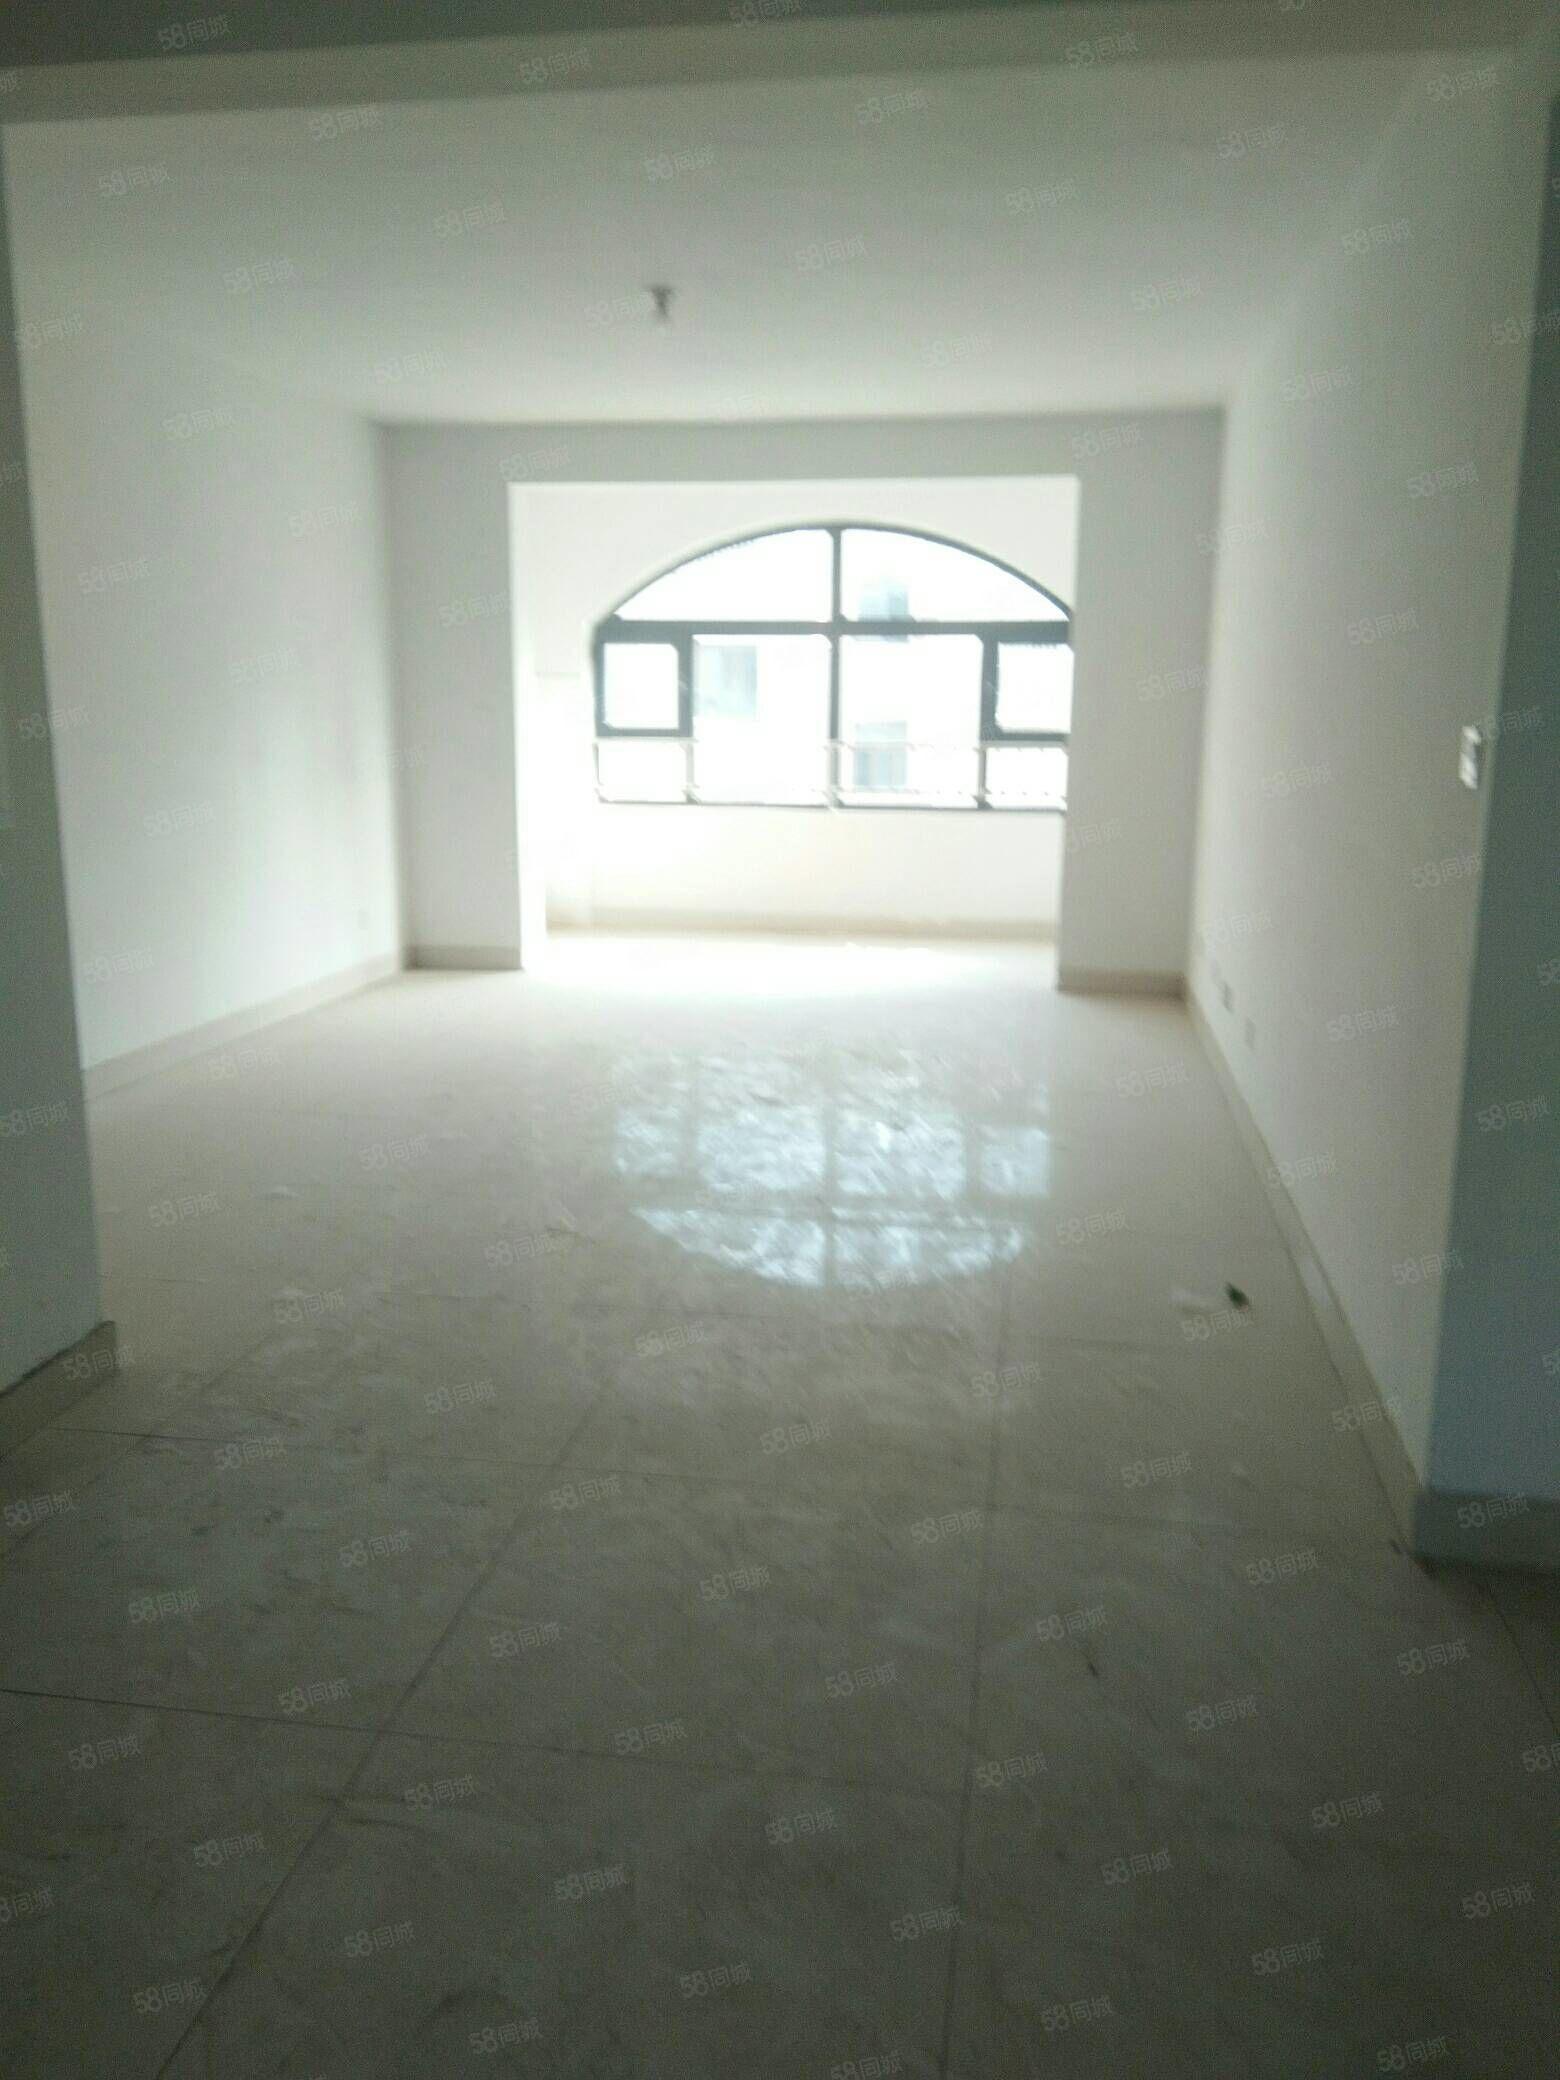 翰林公馆房源 三室119平 好楼层 带储藏室 5290元每平